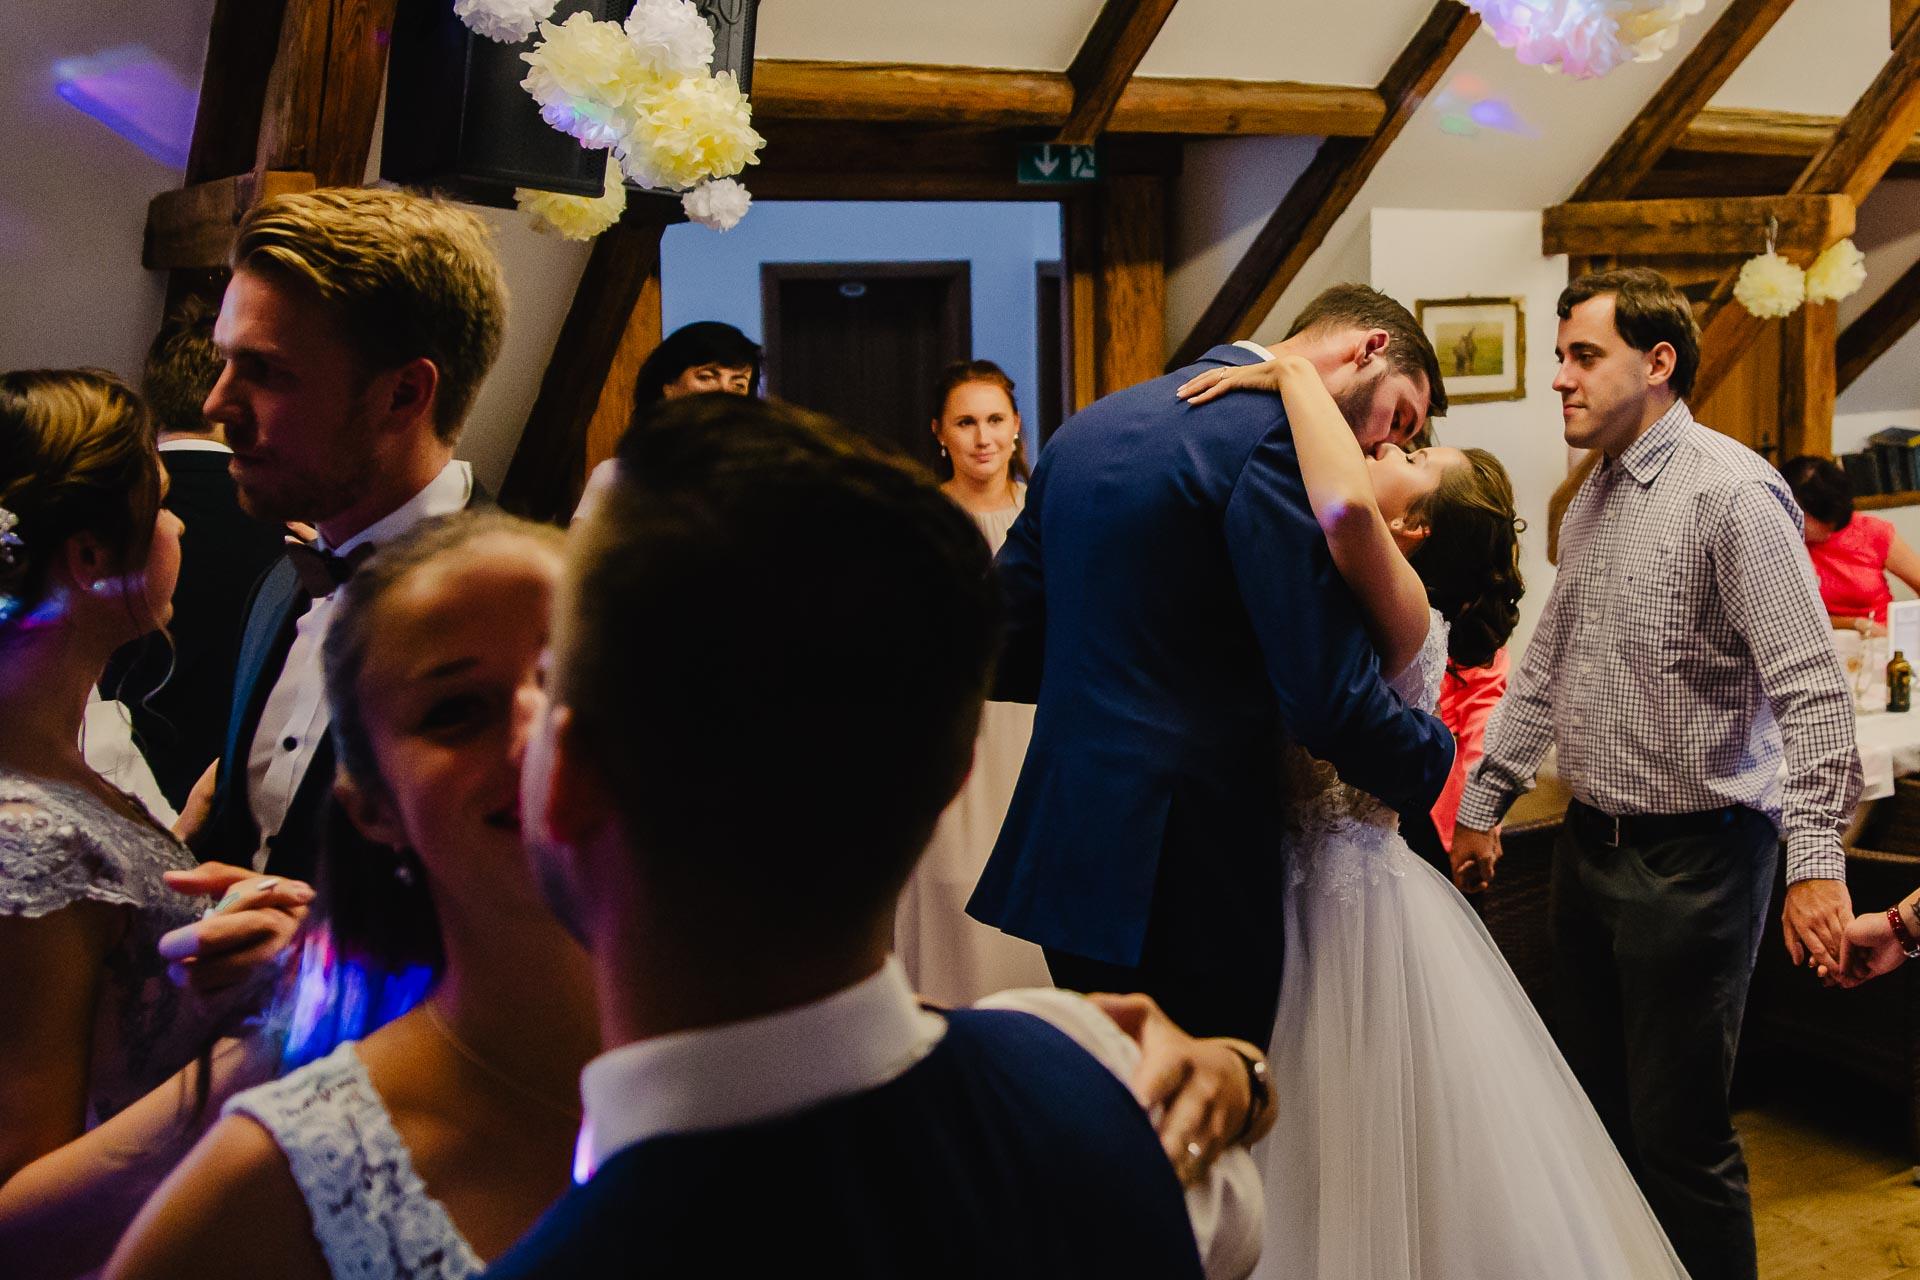 svatební fotograf Praha,svatba střední čechy, církevní obřad, svatba v kostele, nejhezčí svatební fotografie-3392